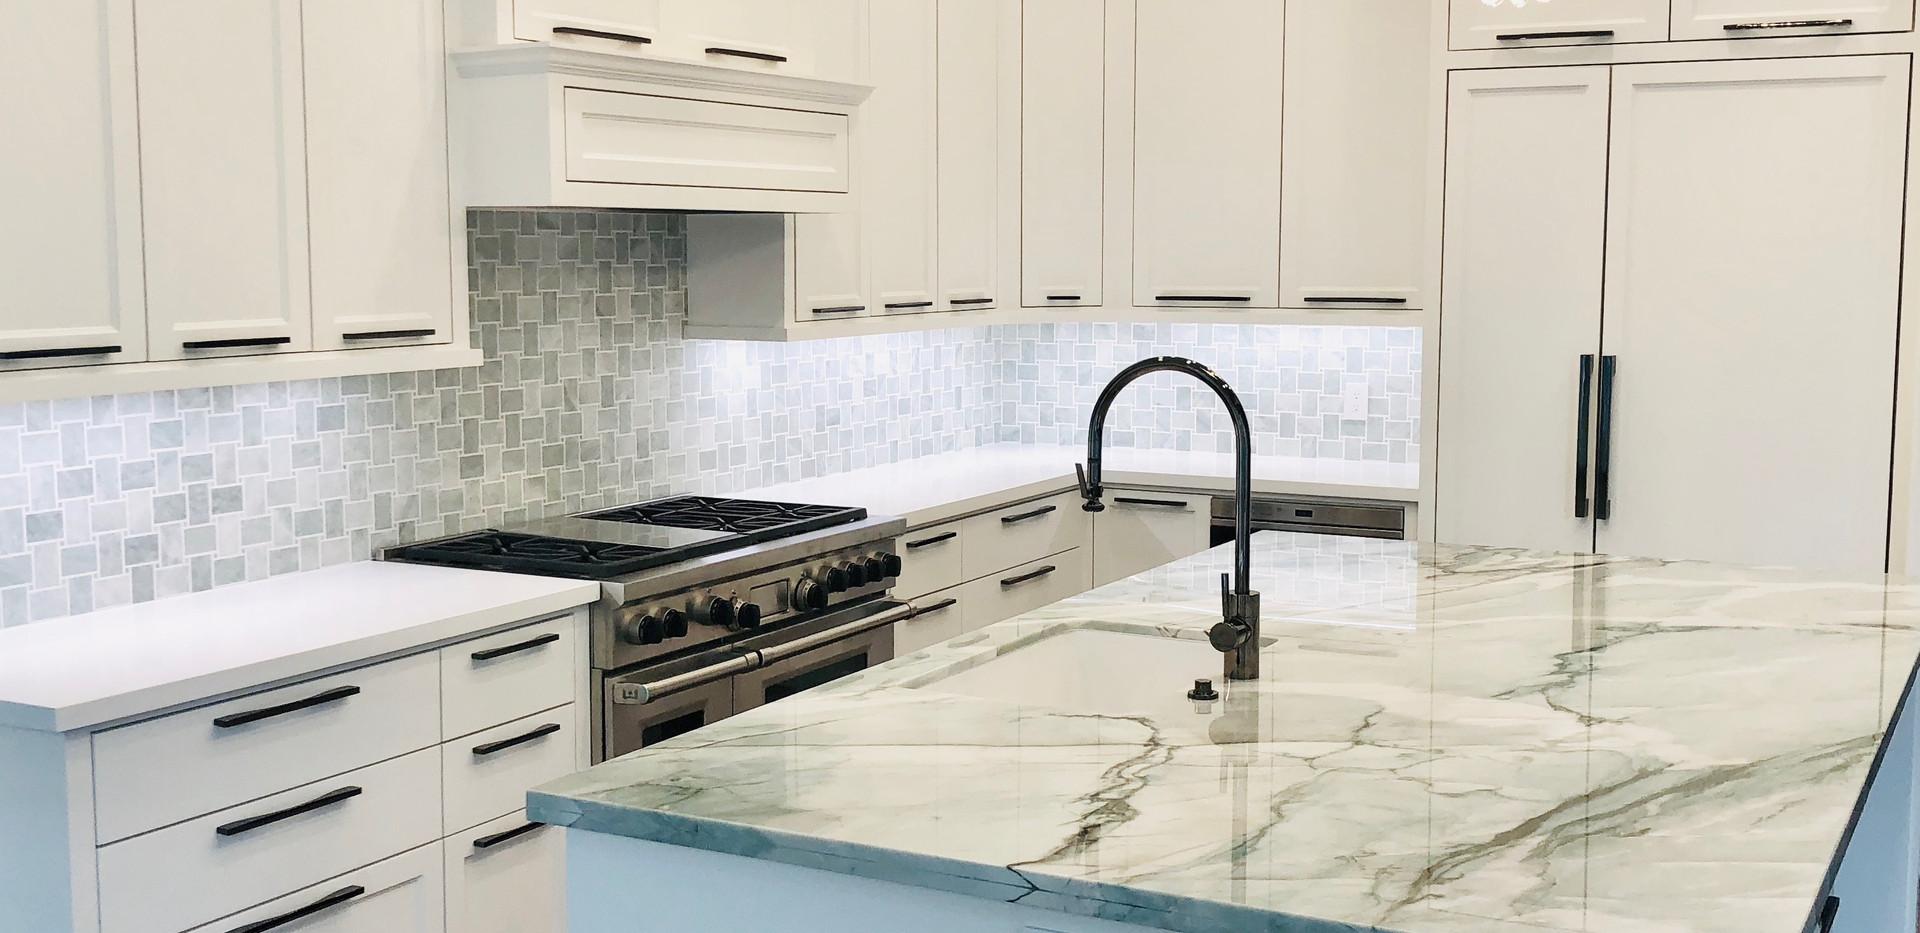 Dream Kitchen - Angled